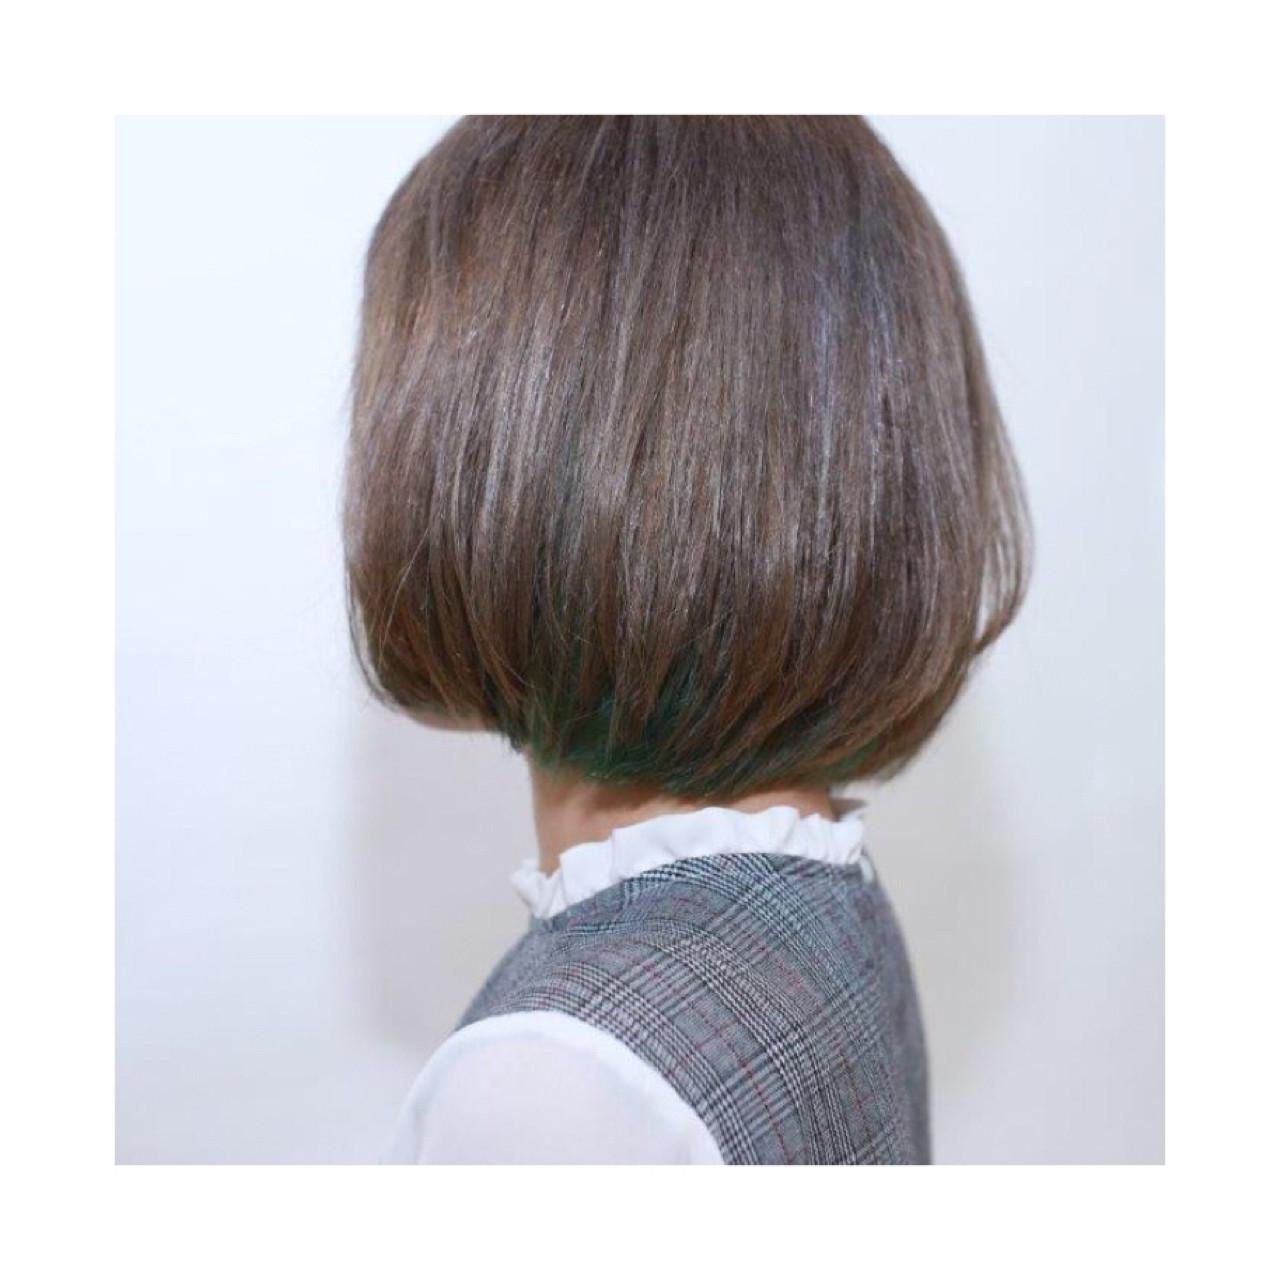 インナーカラー ハイトーン ストリート グレー ヘアスタイルや髪型の写真・画像